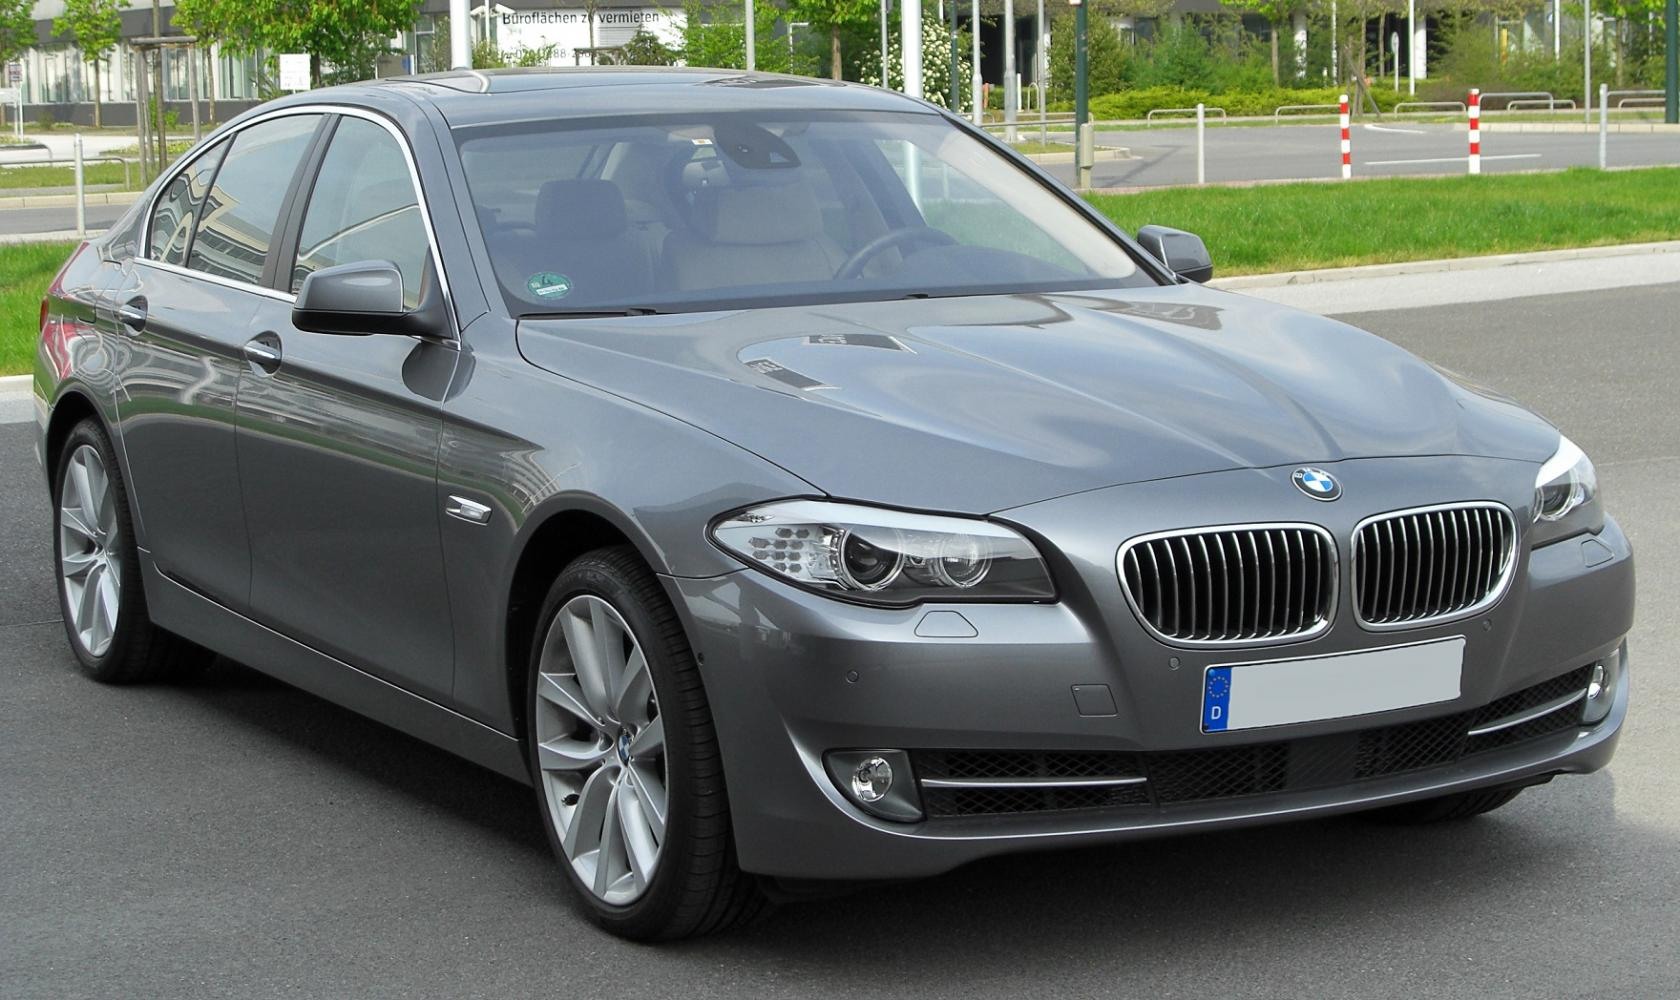 BMW-Serie-5-F10-Vidange-et-entretien-boite-automatique-1.jpeg